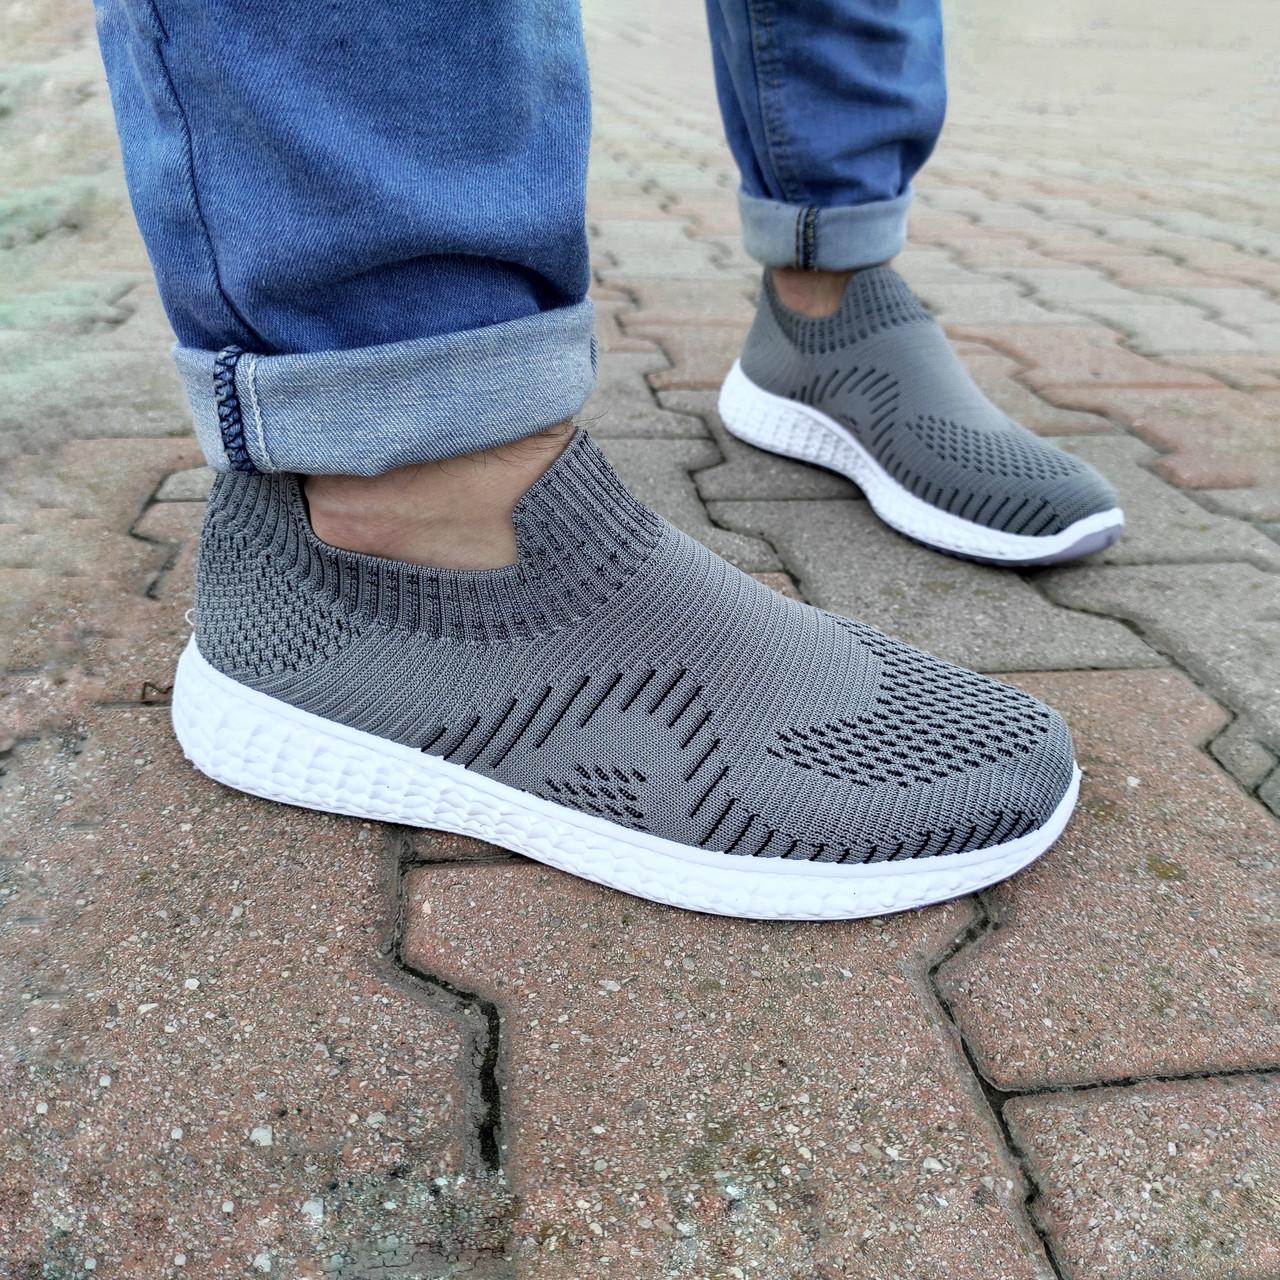 Серые мужские тканевые кроссовки носки летние текстиль легкие беговые без шнурков